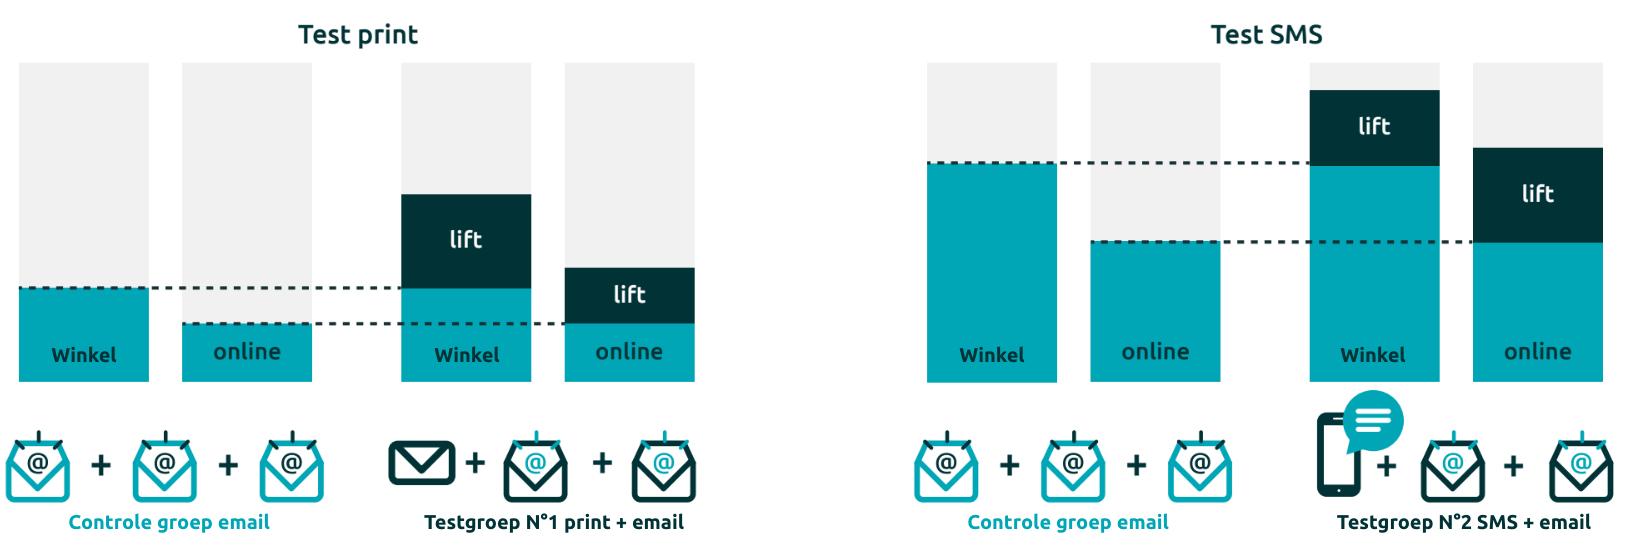 De tests tonen aan dat er incrementele groei is in winkels zowel offline als online.